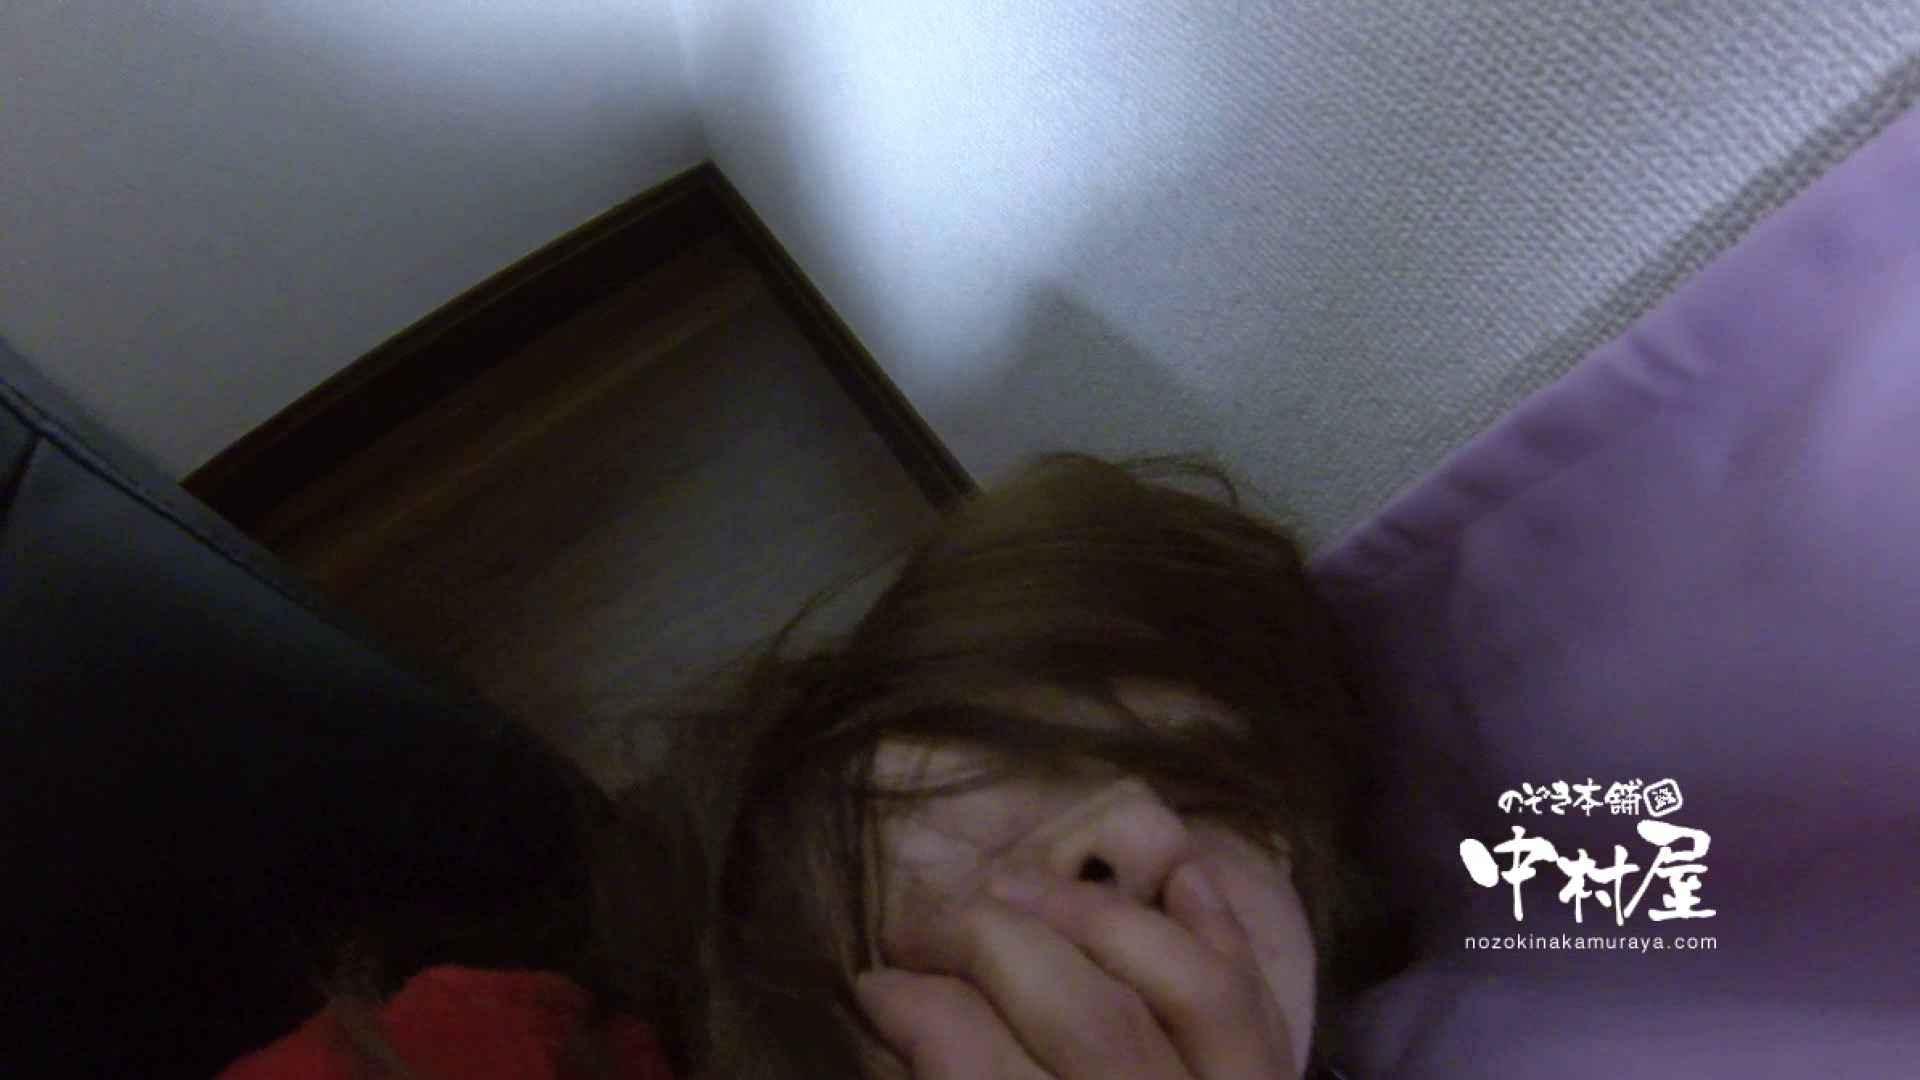 鬼畜 vol.13 もうなすがママ→結果クリームパイ 前編 OL女体  63連発 28